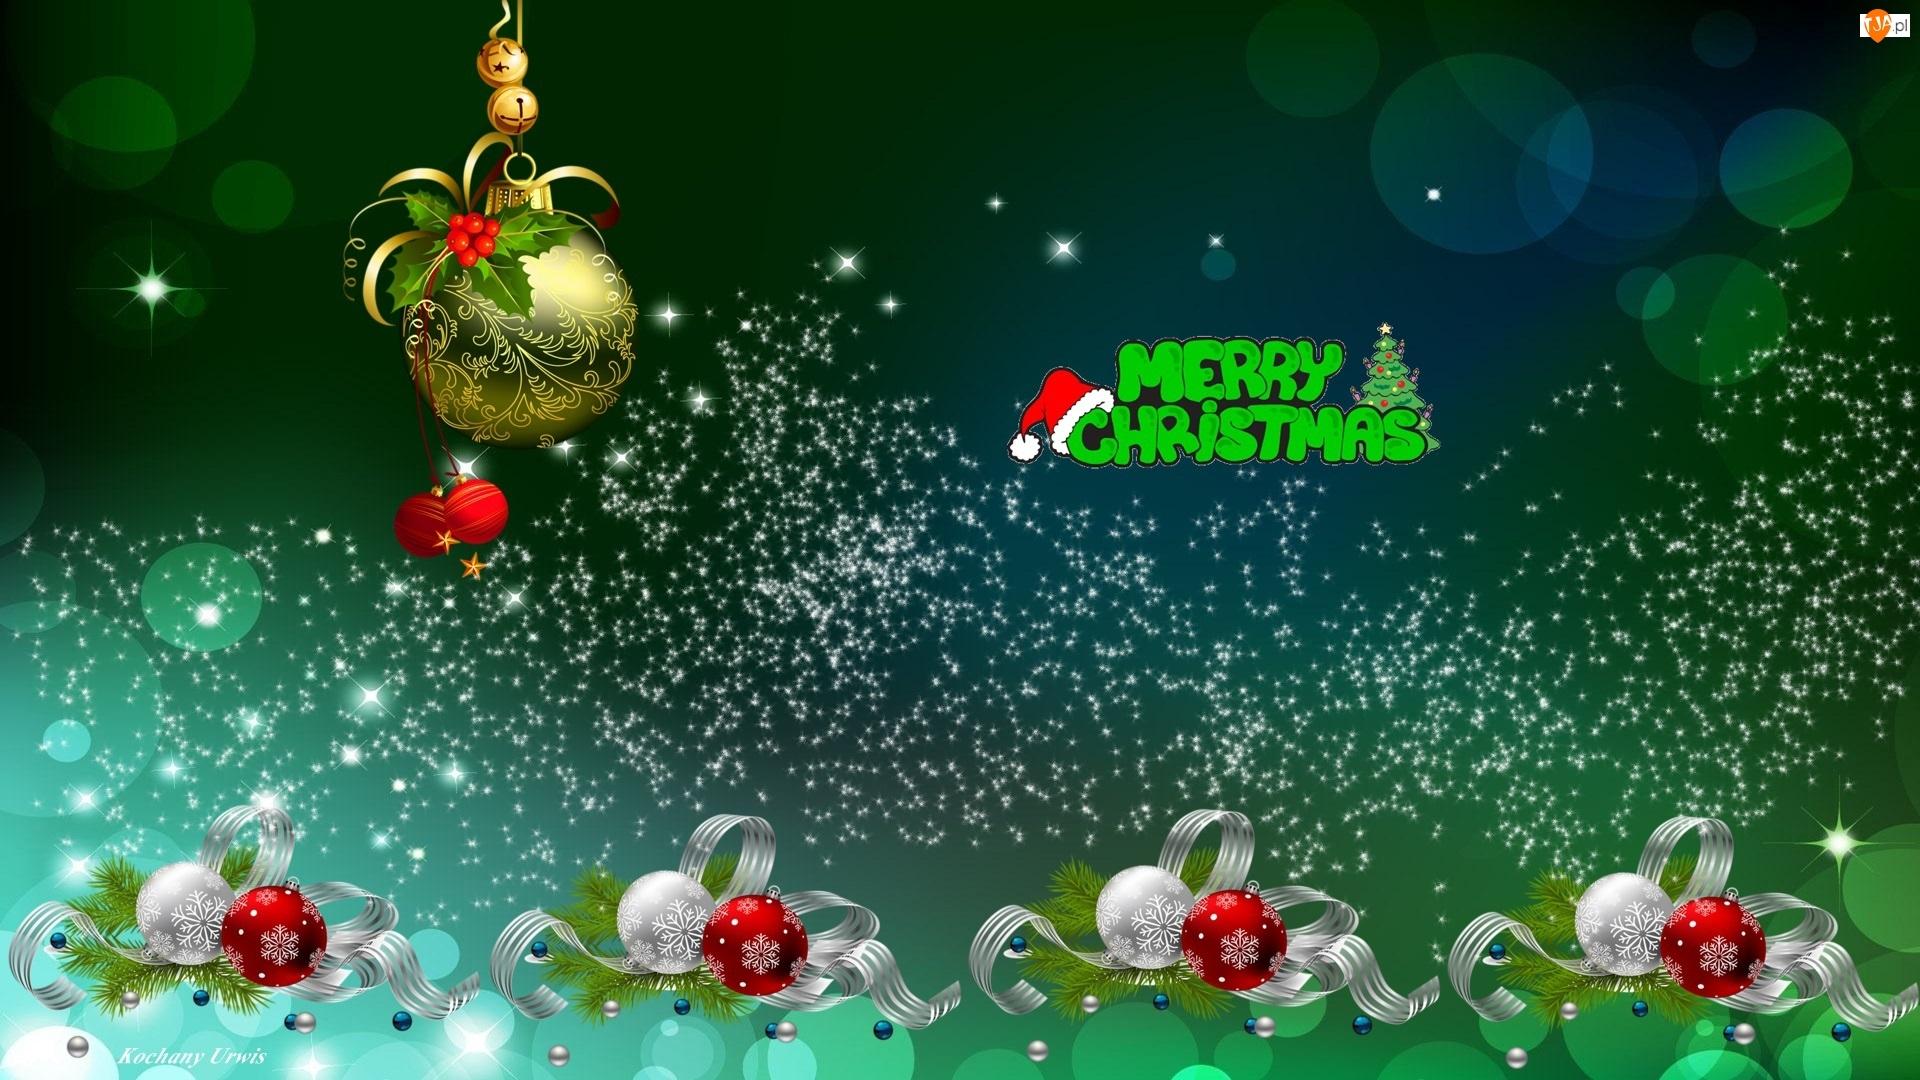 Wstążki, Boże Narodzenie, Bombki